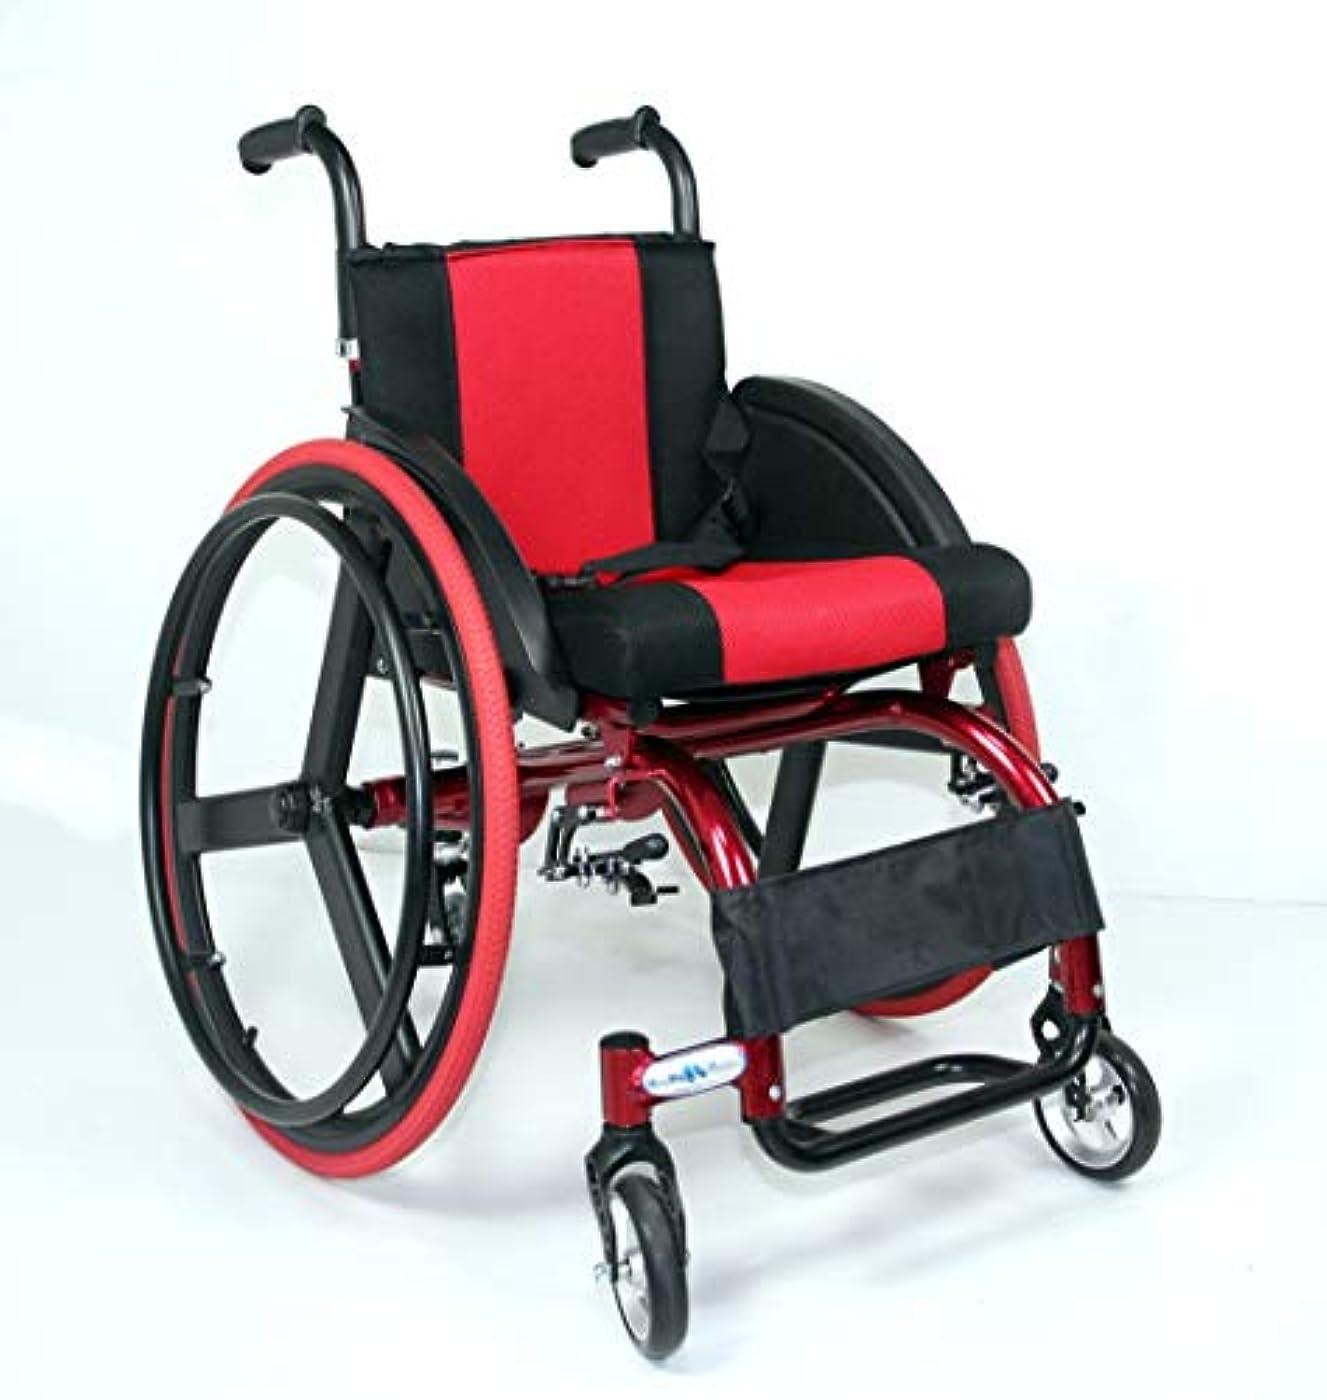 湖思春期の近傍アルミ合金のクイックリリースの後部車輪の衝撃吸収材のトロリーが付いている余暇の車椅子ライトポータブル、24インチの後部車輪は1つのボタンで取除くことができます